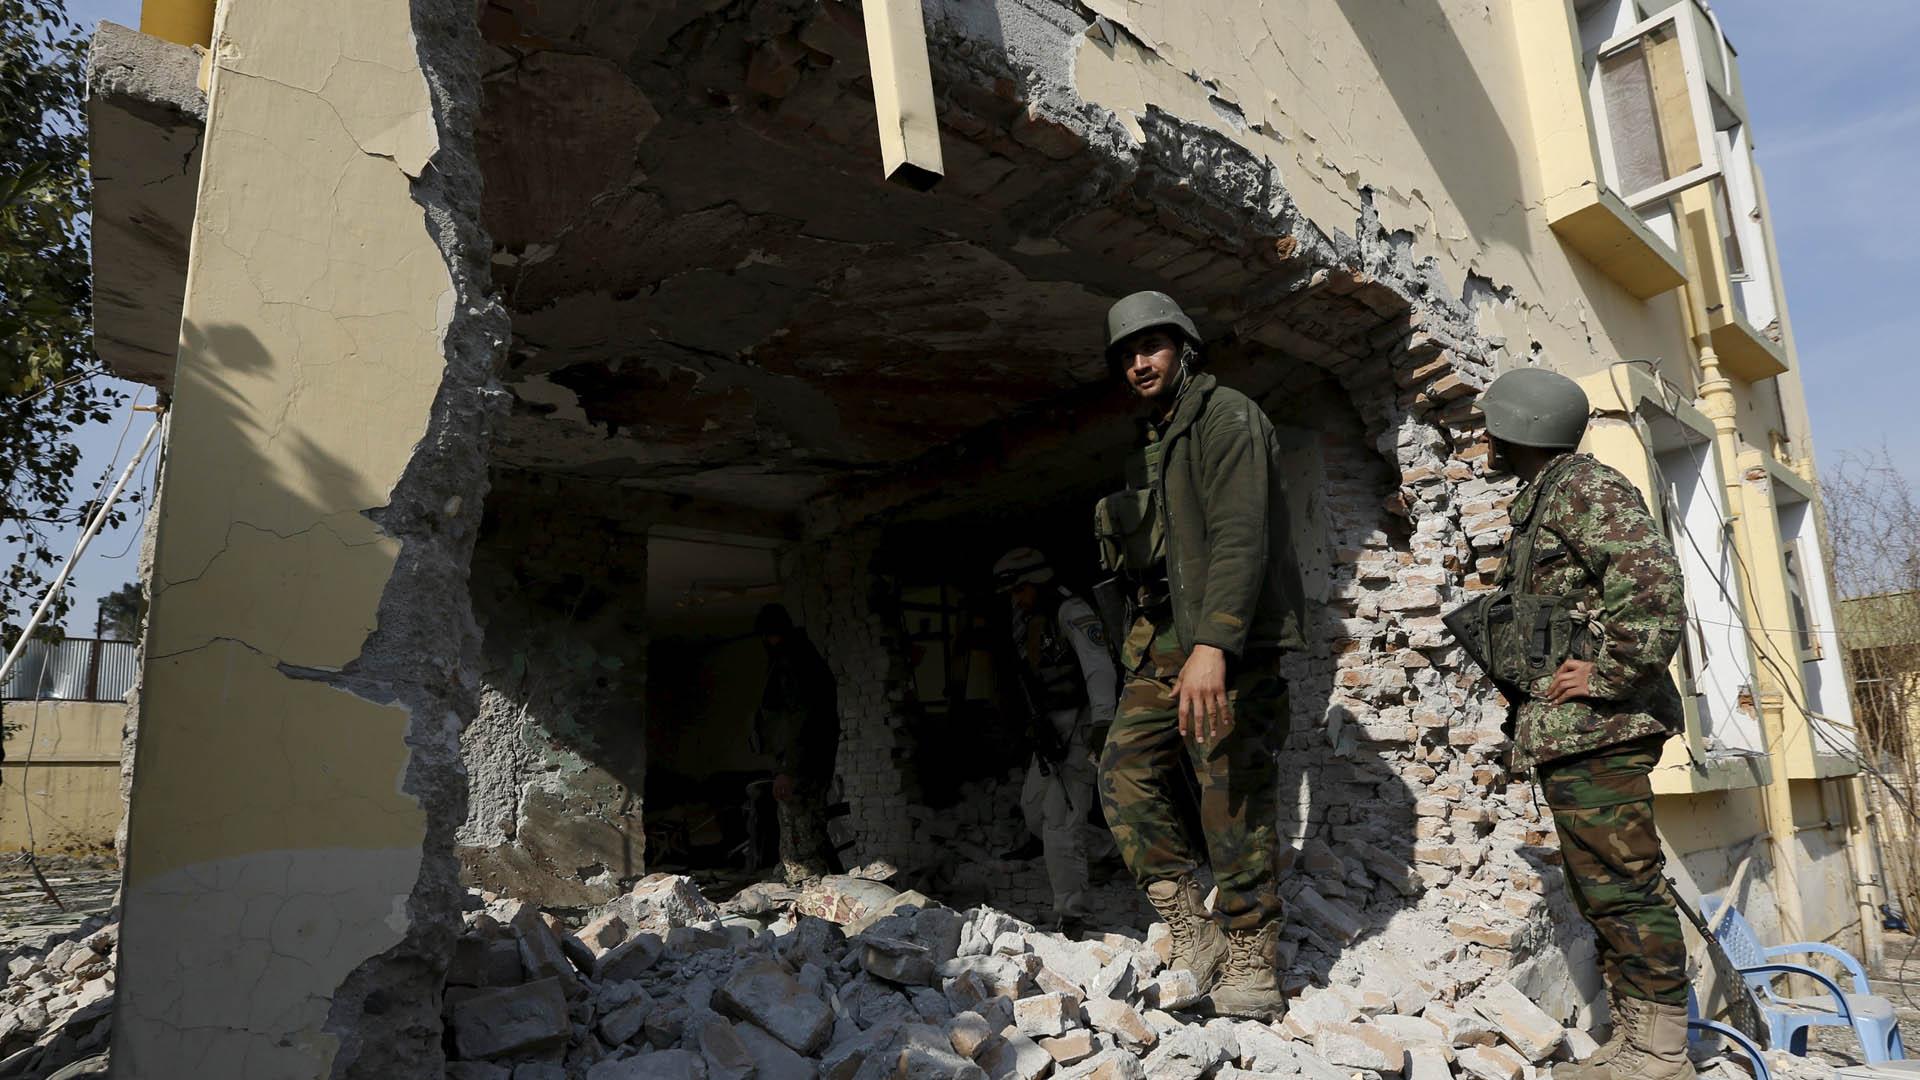 Los fallecidos eran soldados que formaban parte de las unidades fronterizas